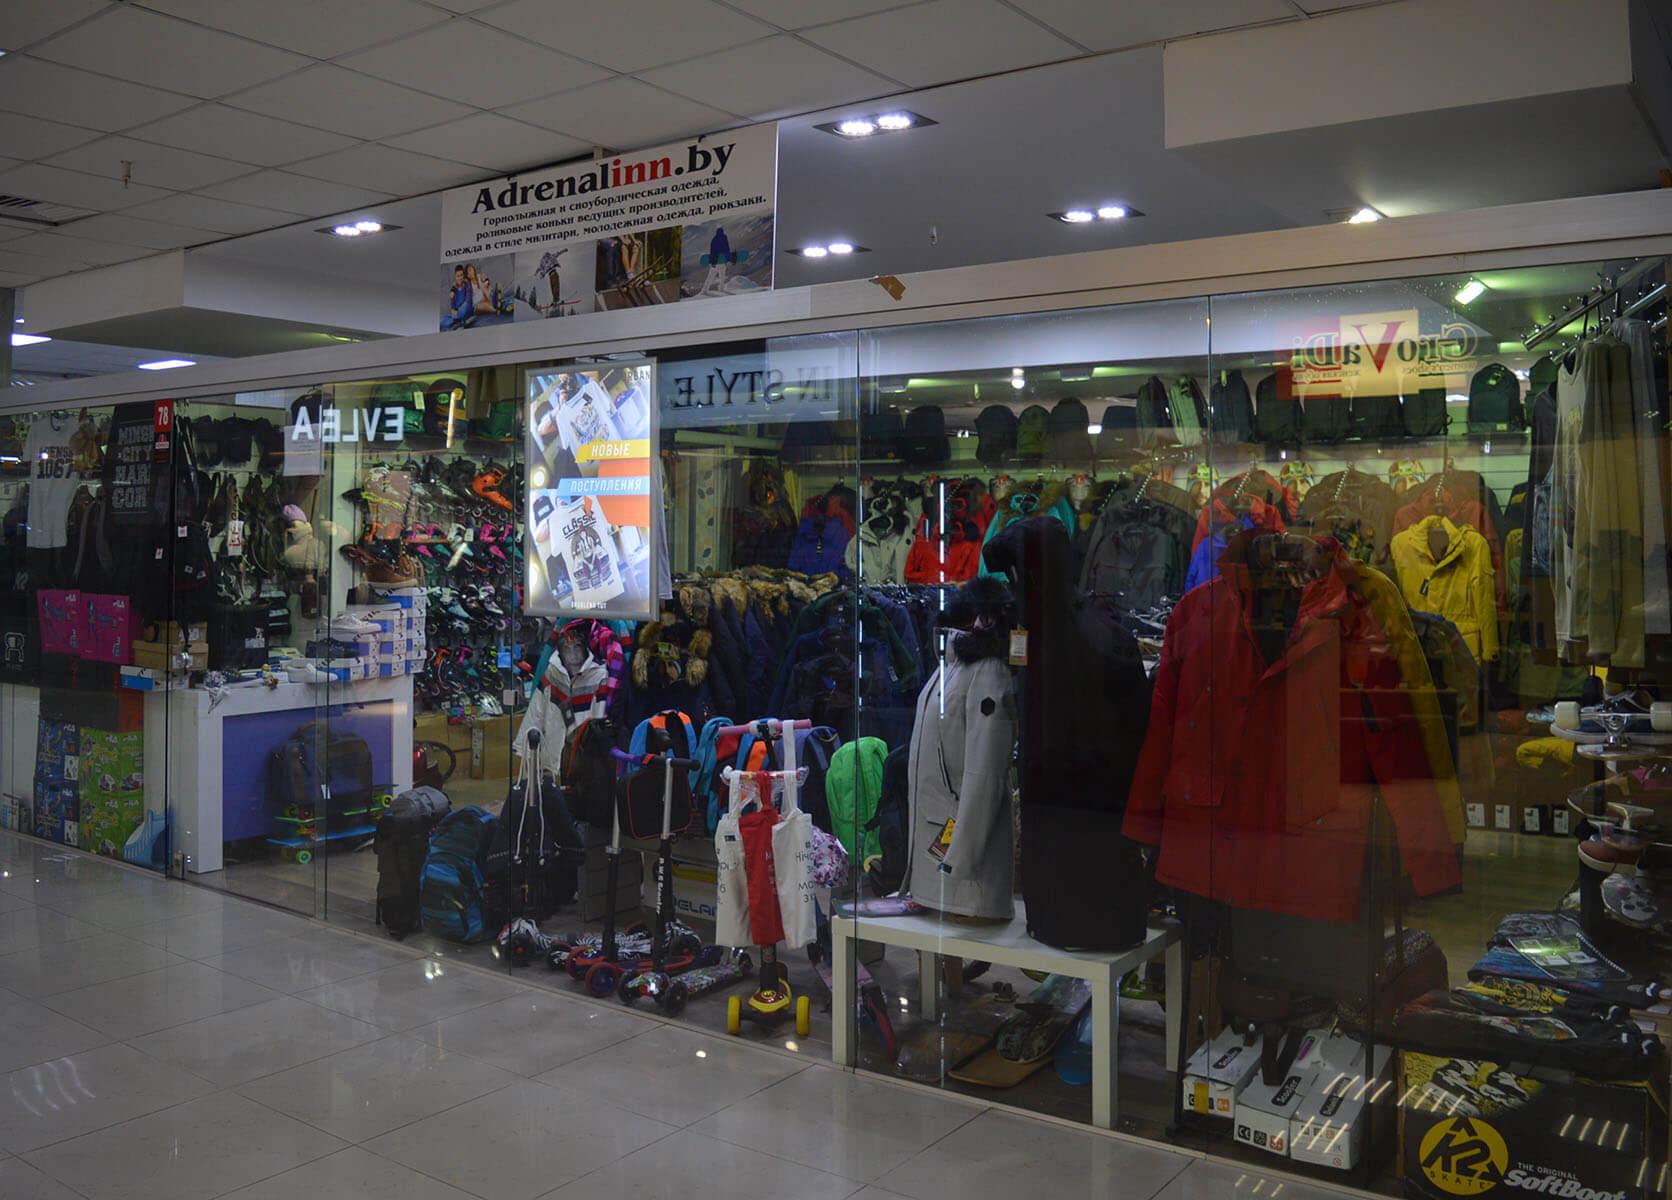 Adrenalinn - Магазин молодежной спортивной одежды и спортивных товаров  на  1 этаже в павильоне №78 в  Торговом Центре «Немига 3»